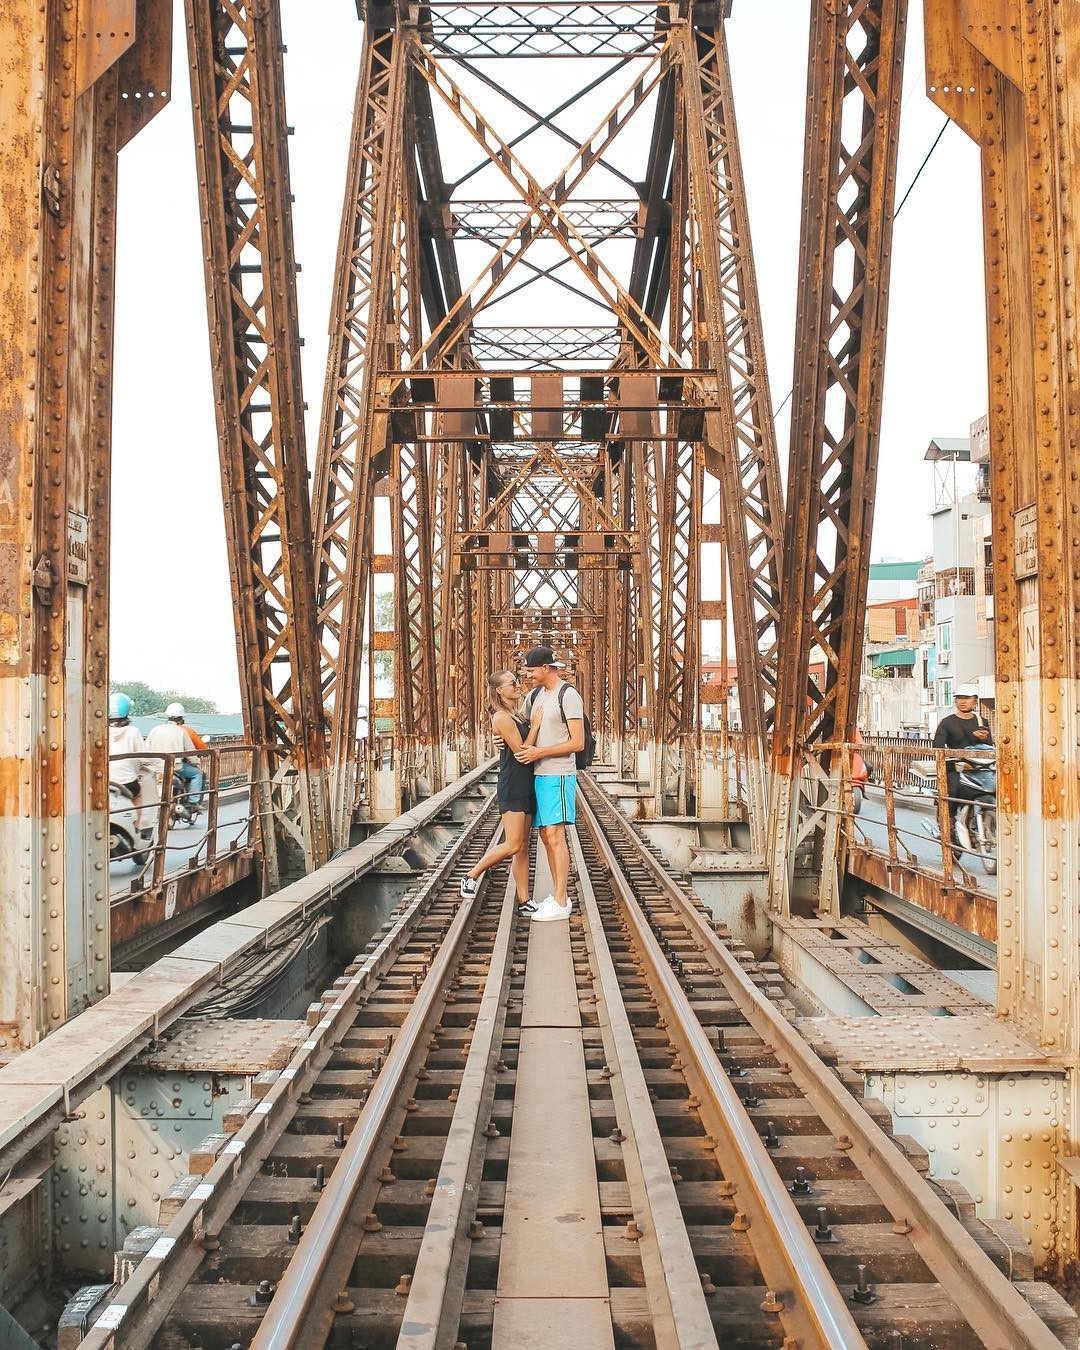 """""""Act cool đứng hình mất 5s"""" trước 8 cây cầu sống ảo đẹp nhất Việt Nam, bạn đã check-in hết chưa? - Ảnh 19."""